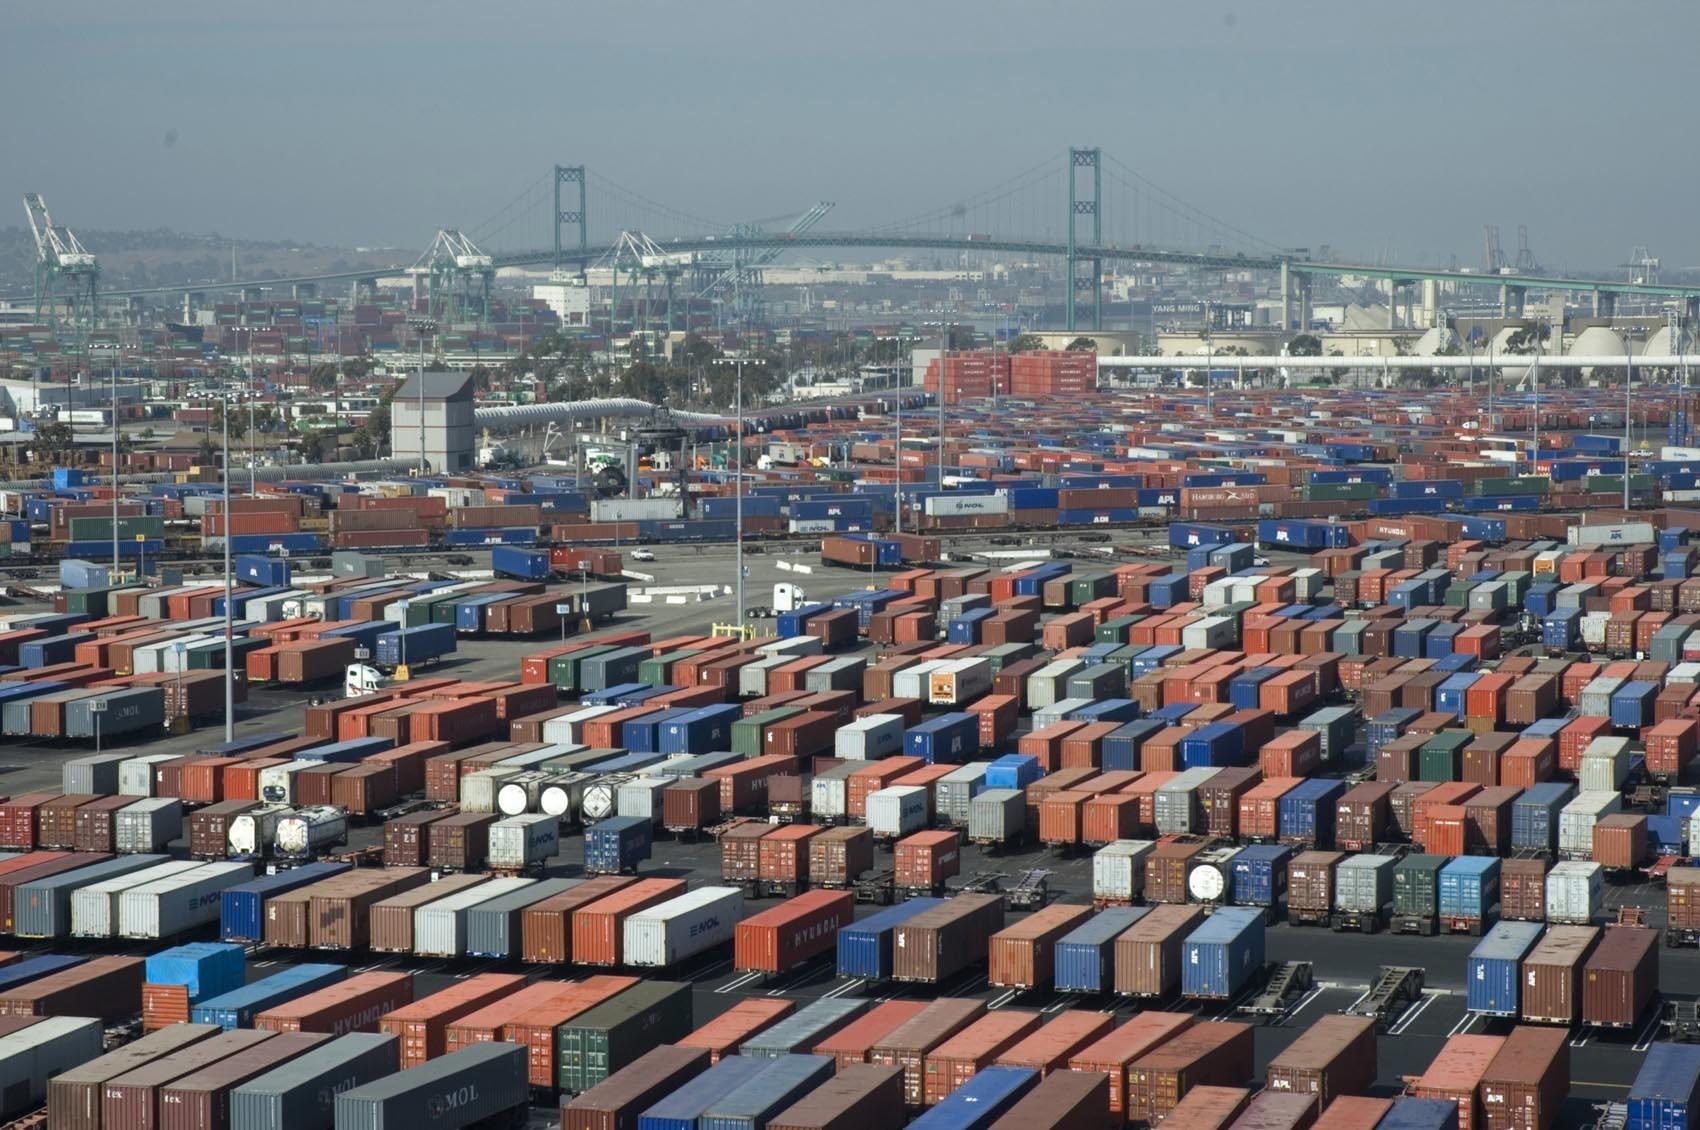 Port of Long Beach CA